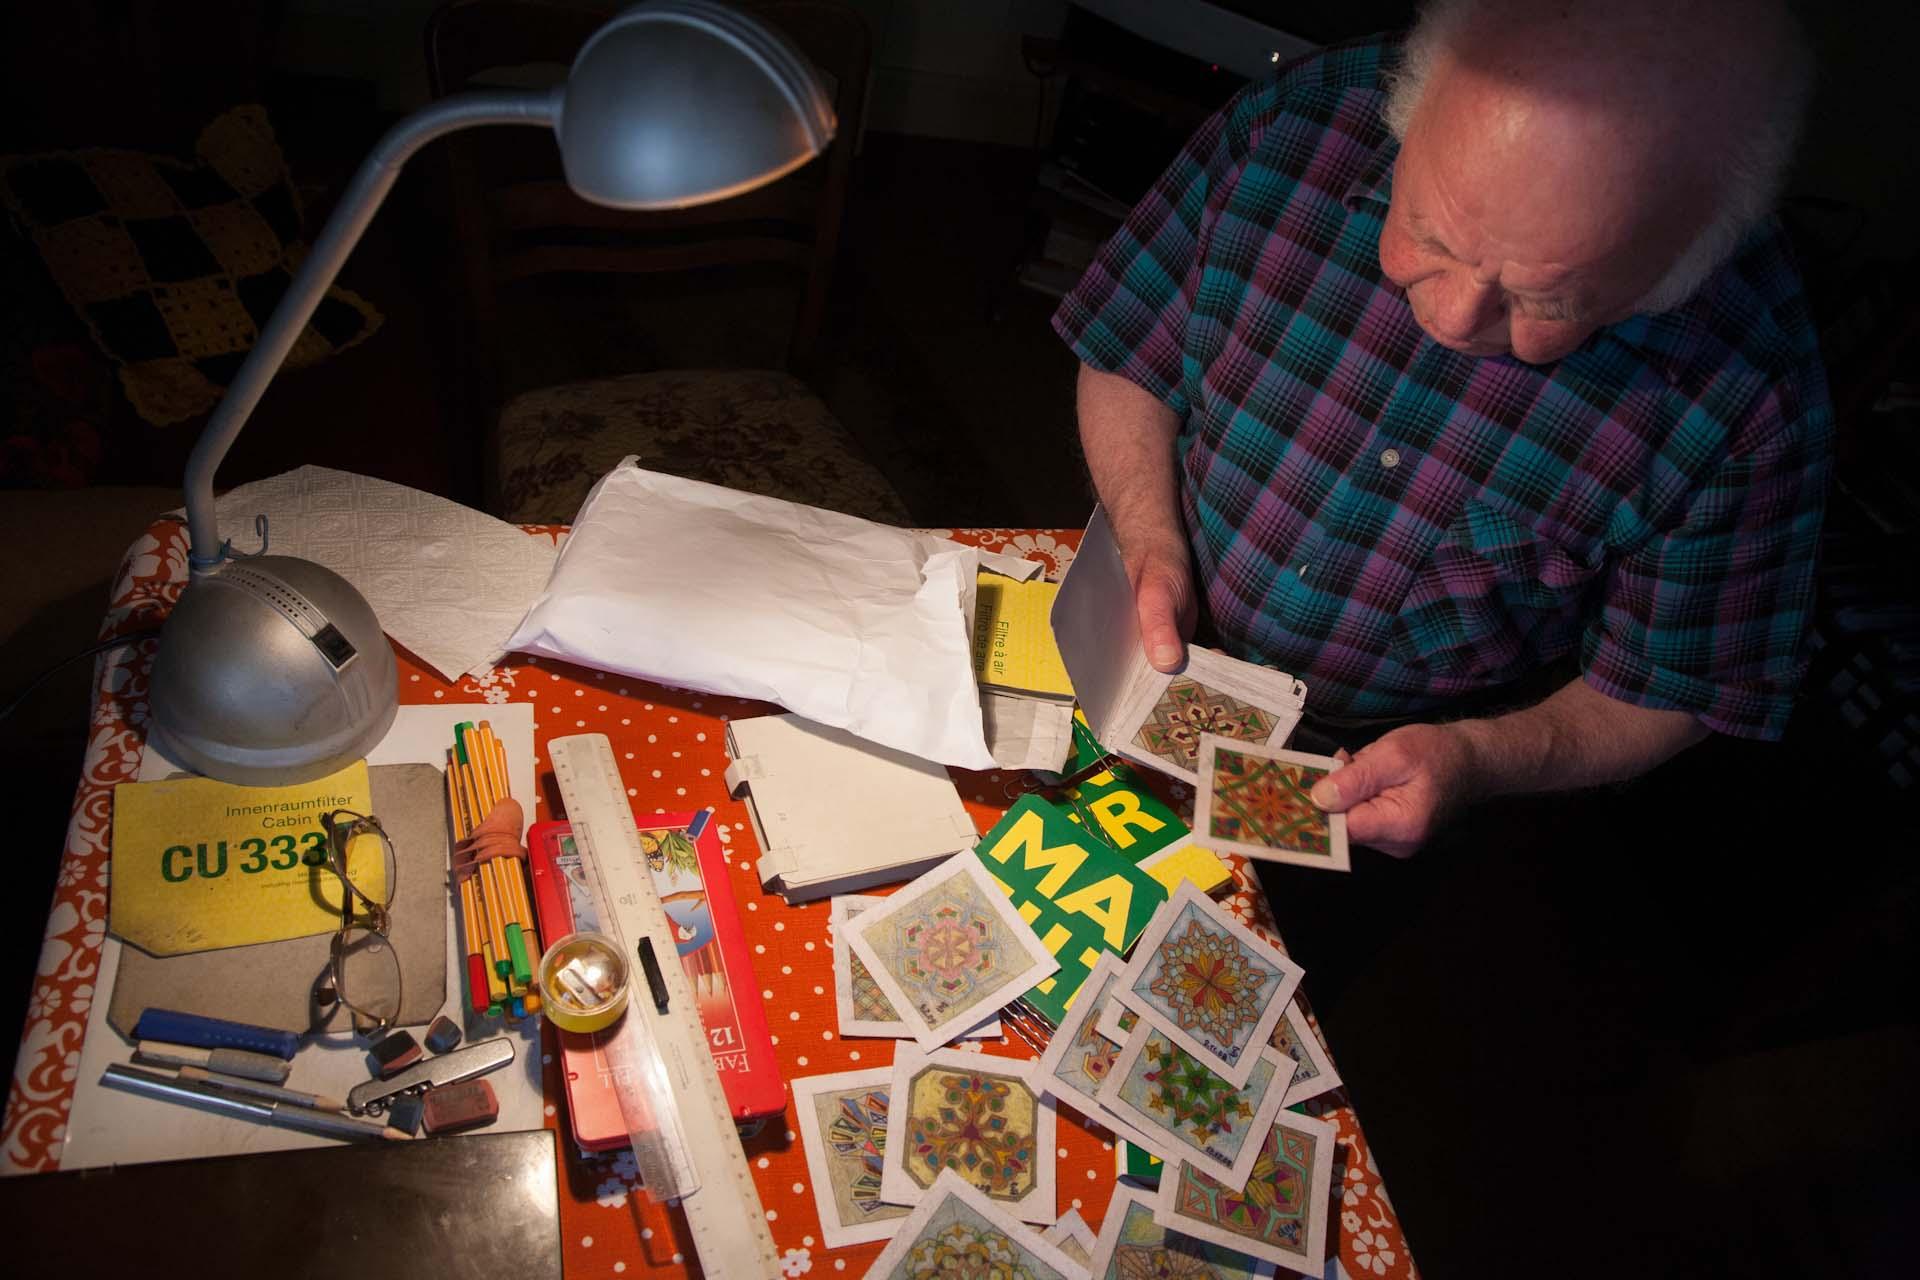 Fast alles ist klein. Die Raute, an der er radiert, die Sterne, die er malt, das niedere Zimmer mit den Deckenbalken, in dem er sitzt, ja, auch der Onkel Ernst ist klein.